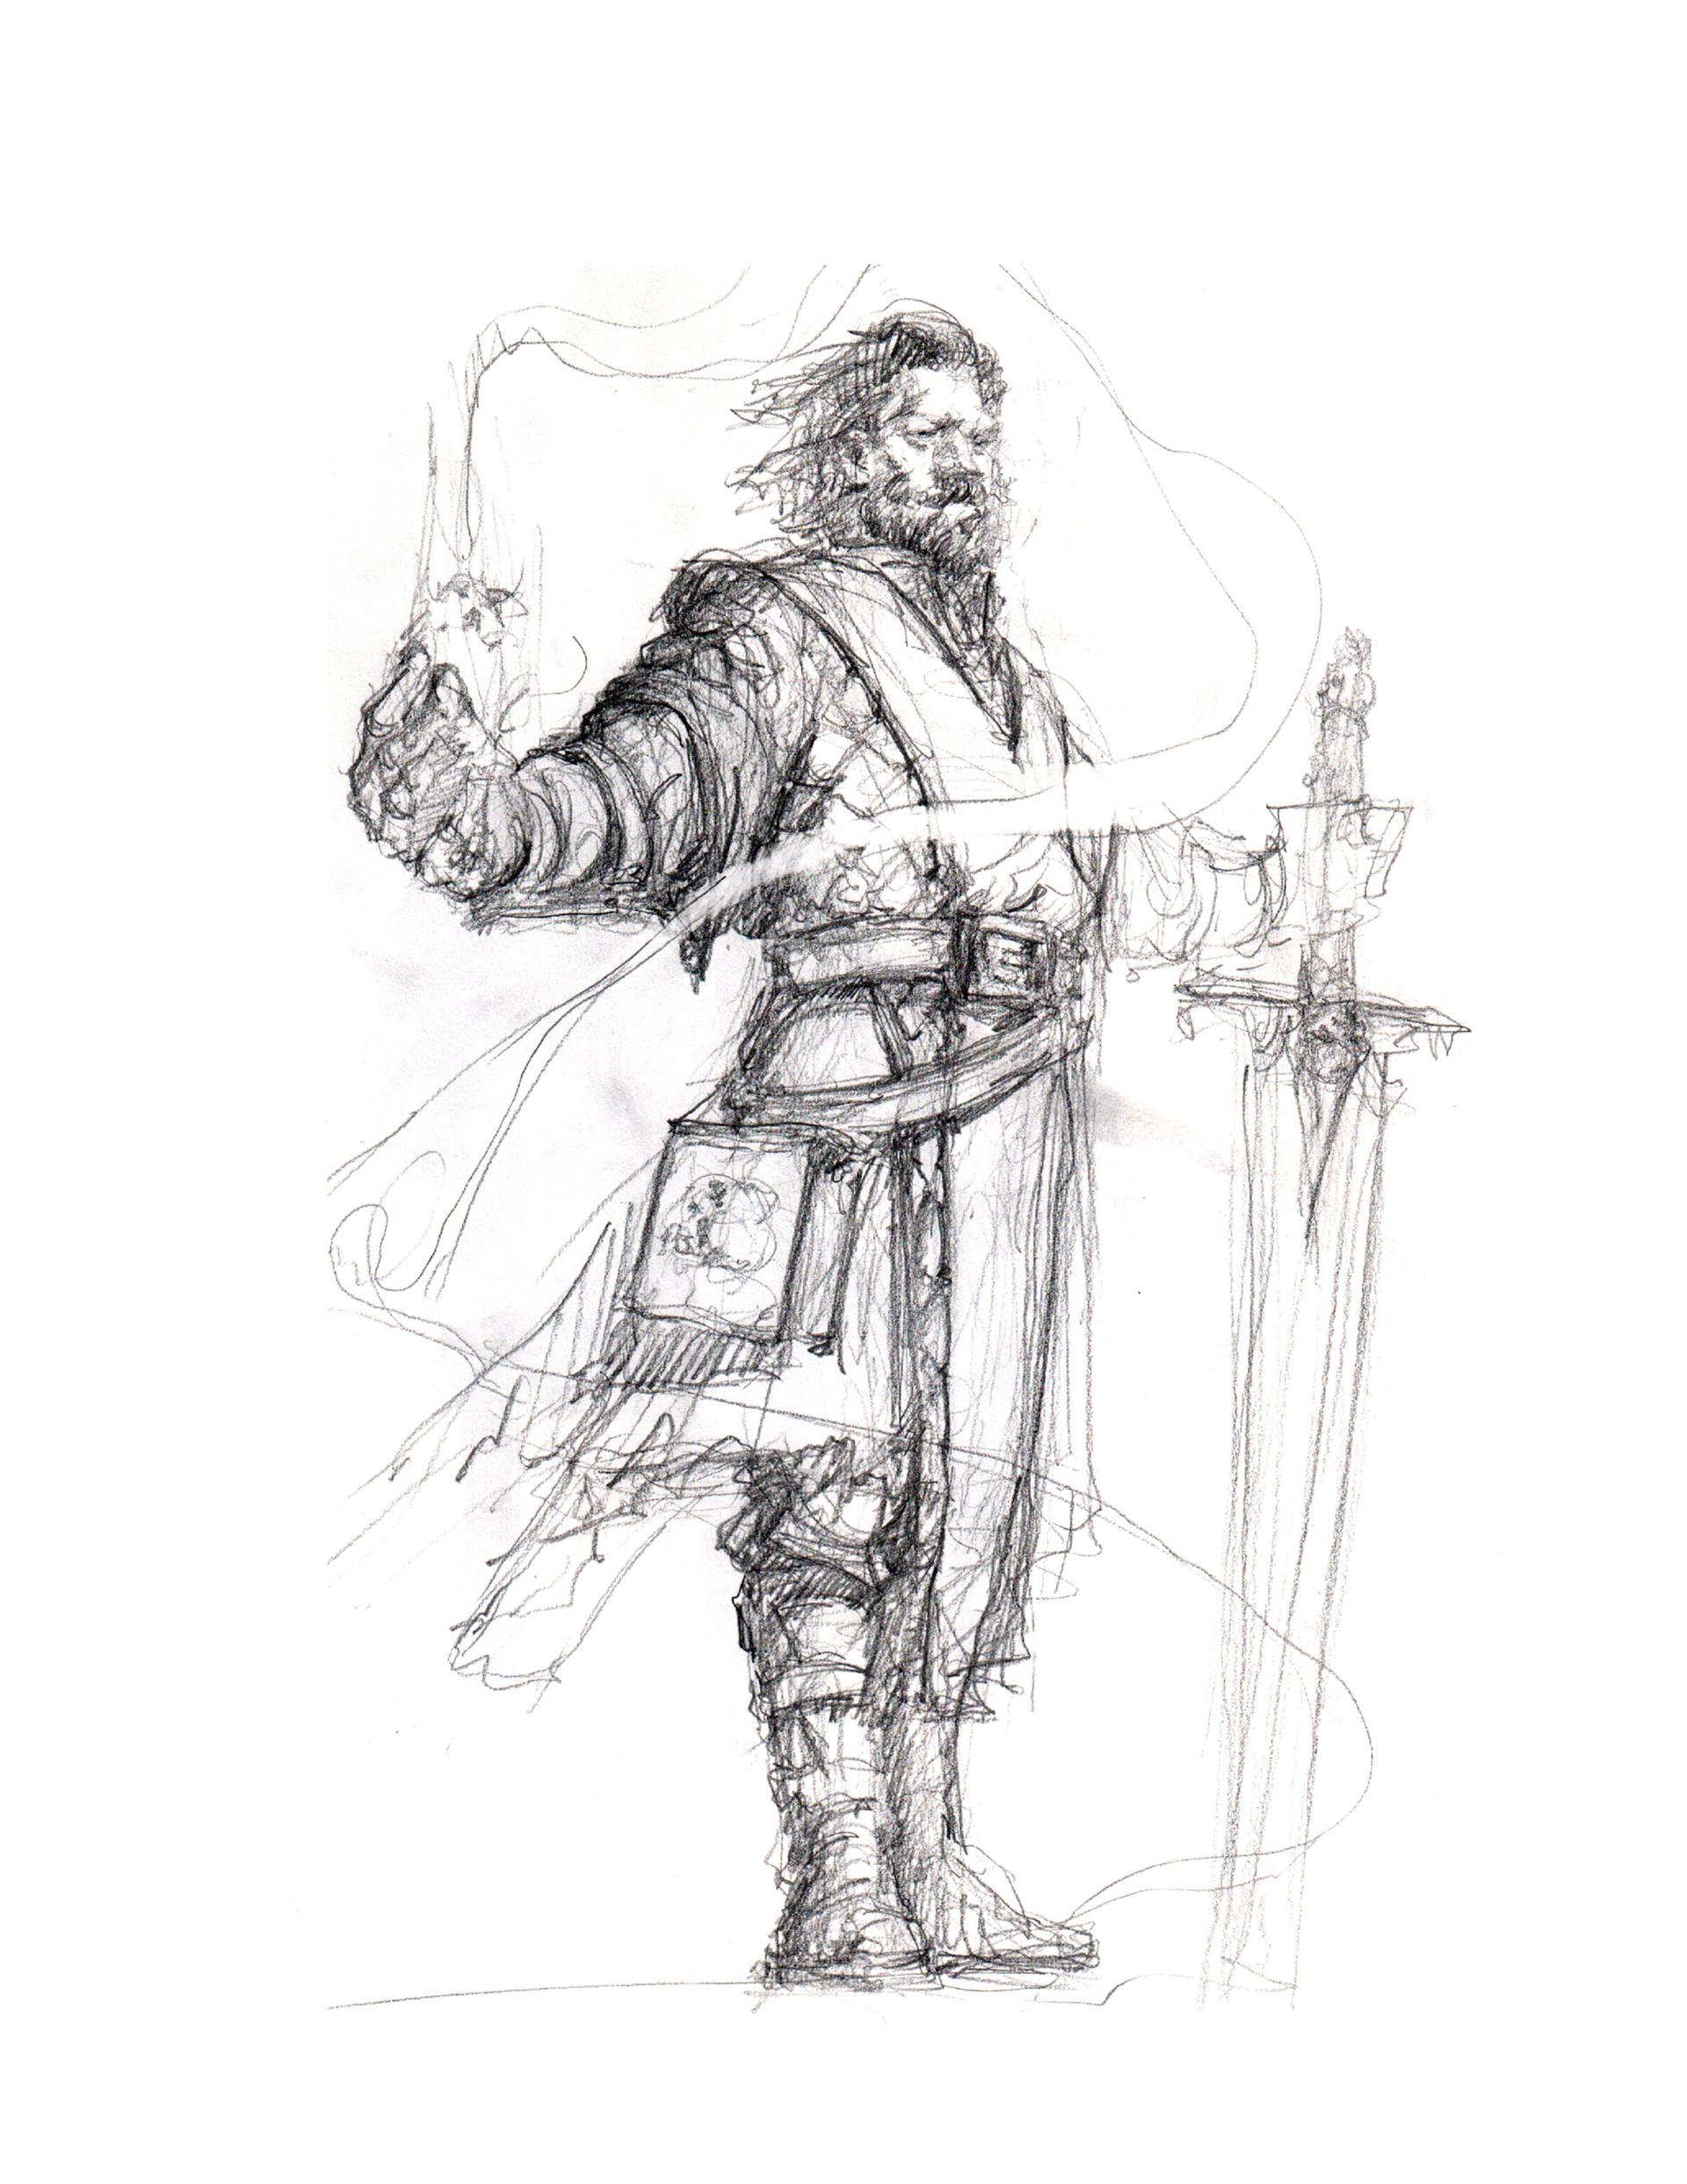 Brent poliquin 1 sketchbookpg30